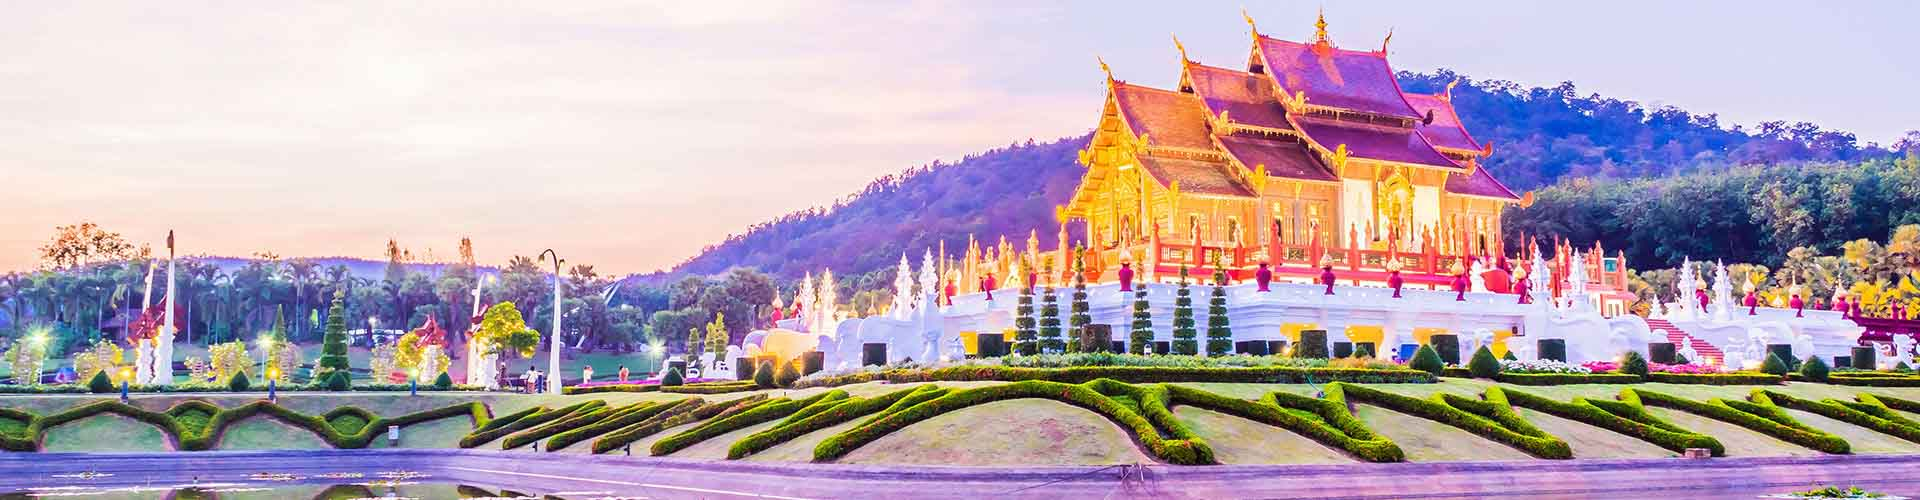 Chiang Mai - Hoteles baratos en Chiang Mai. Mapas de Chiang Mai, Fotos y comentarios de cada Hotel en Chiang Mai.